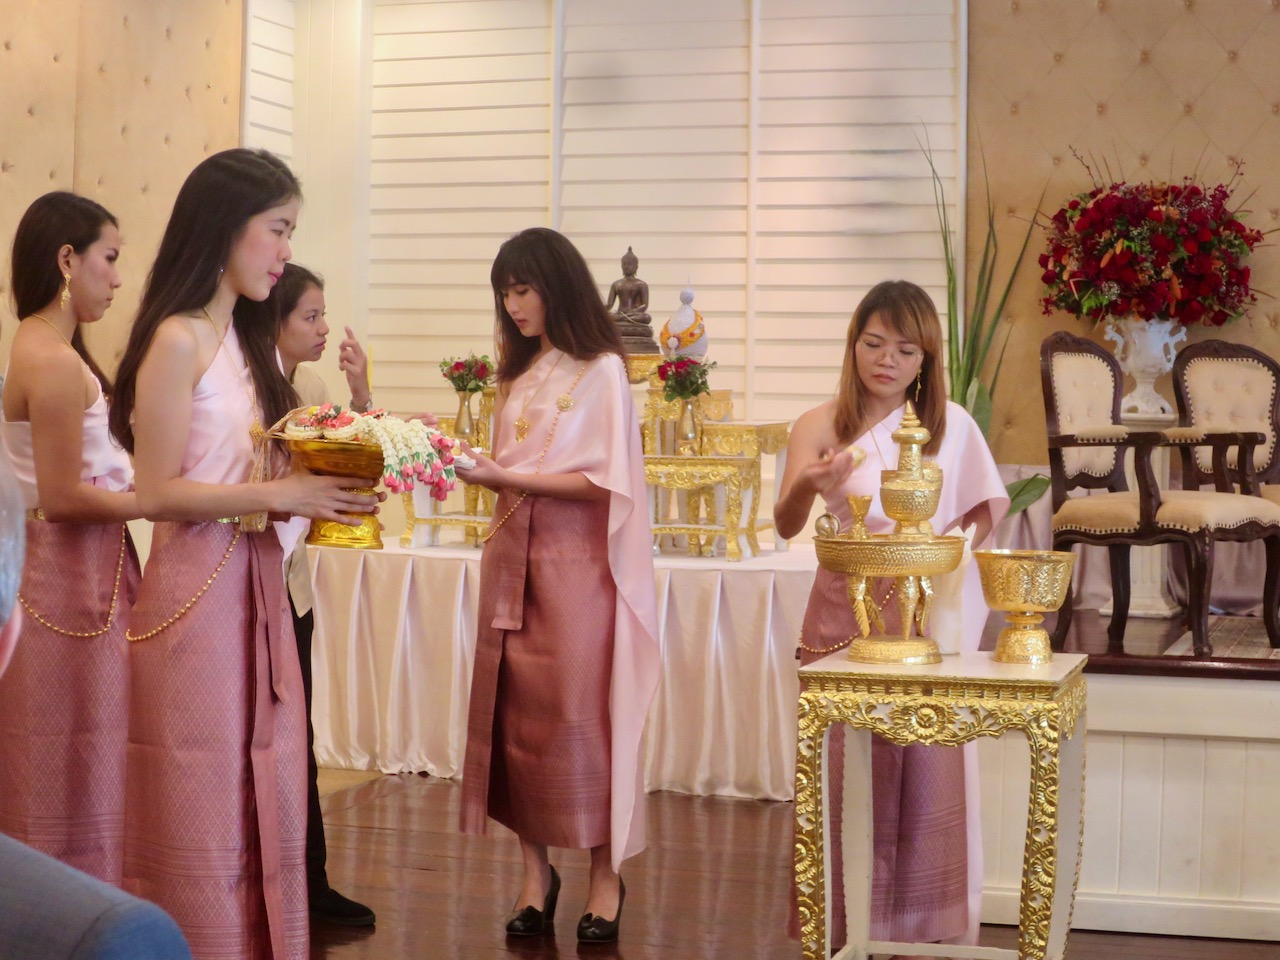 Damas de companhia num casamento tailandês